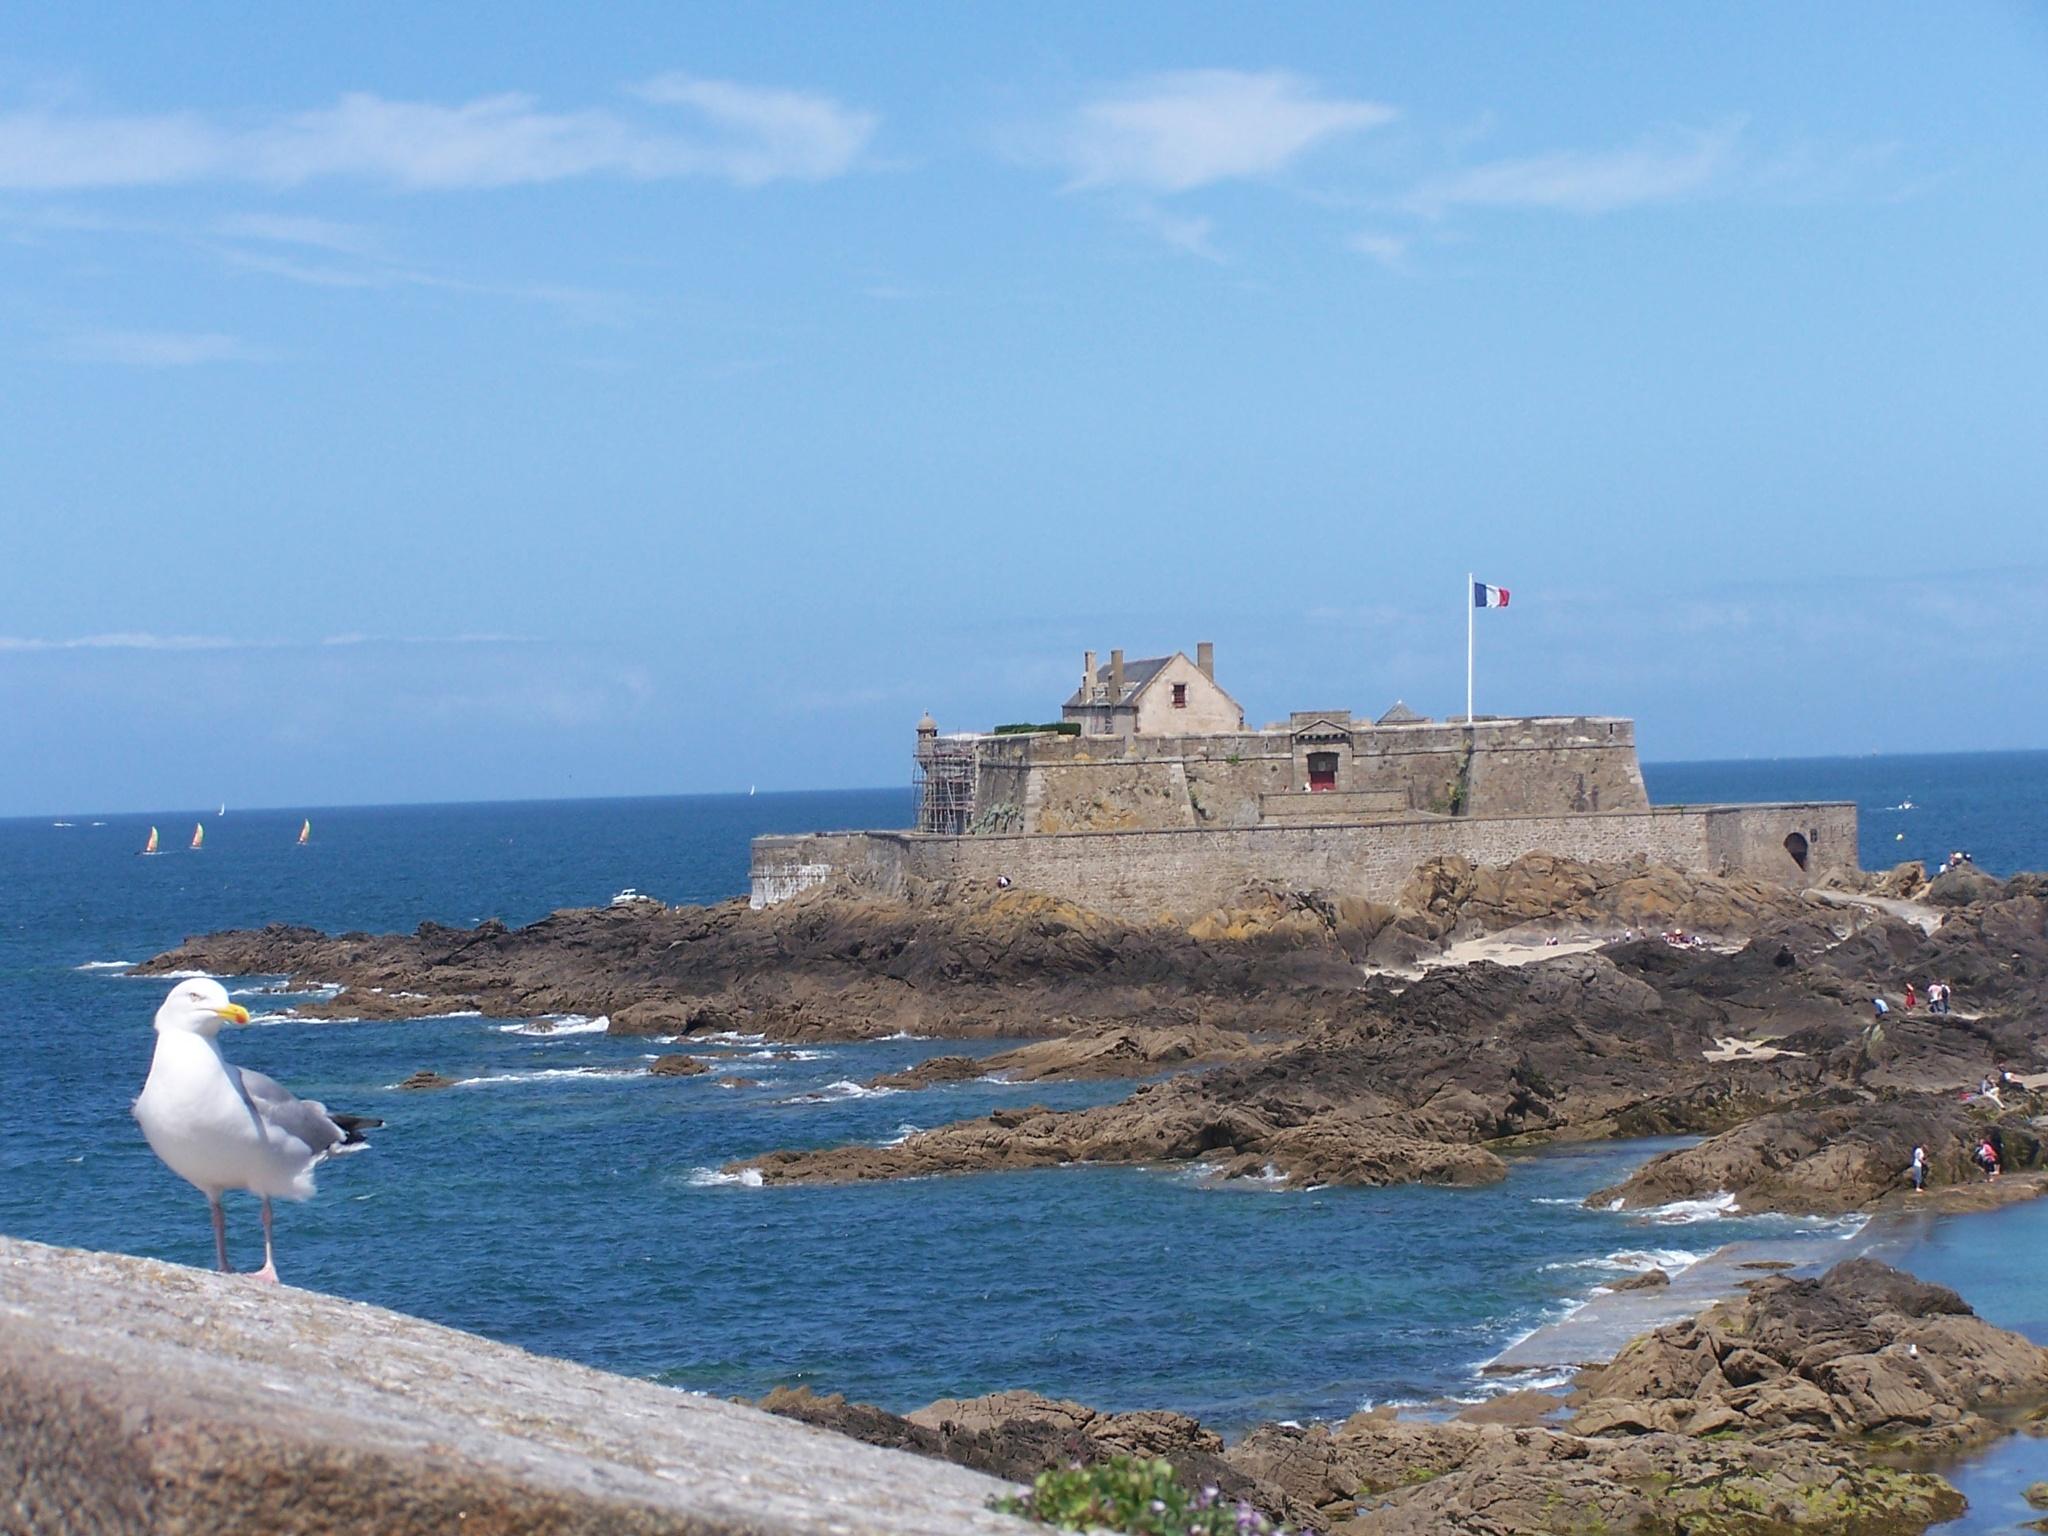 Saint Malo by ElenaSfargeri